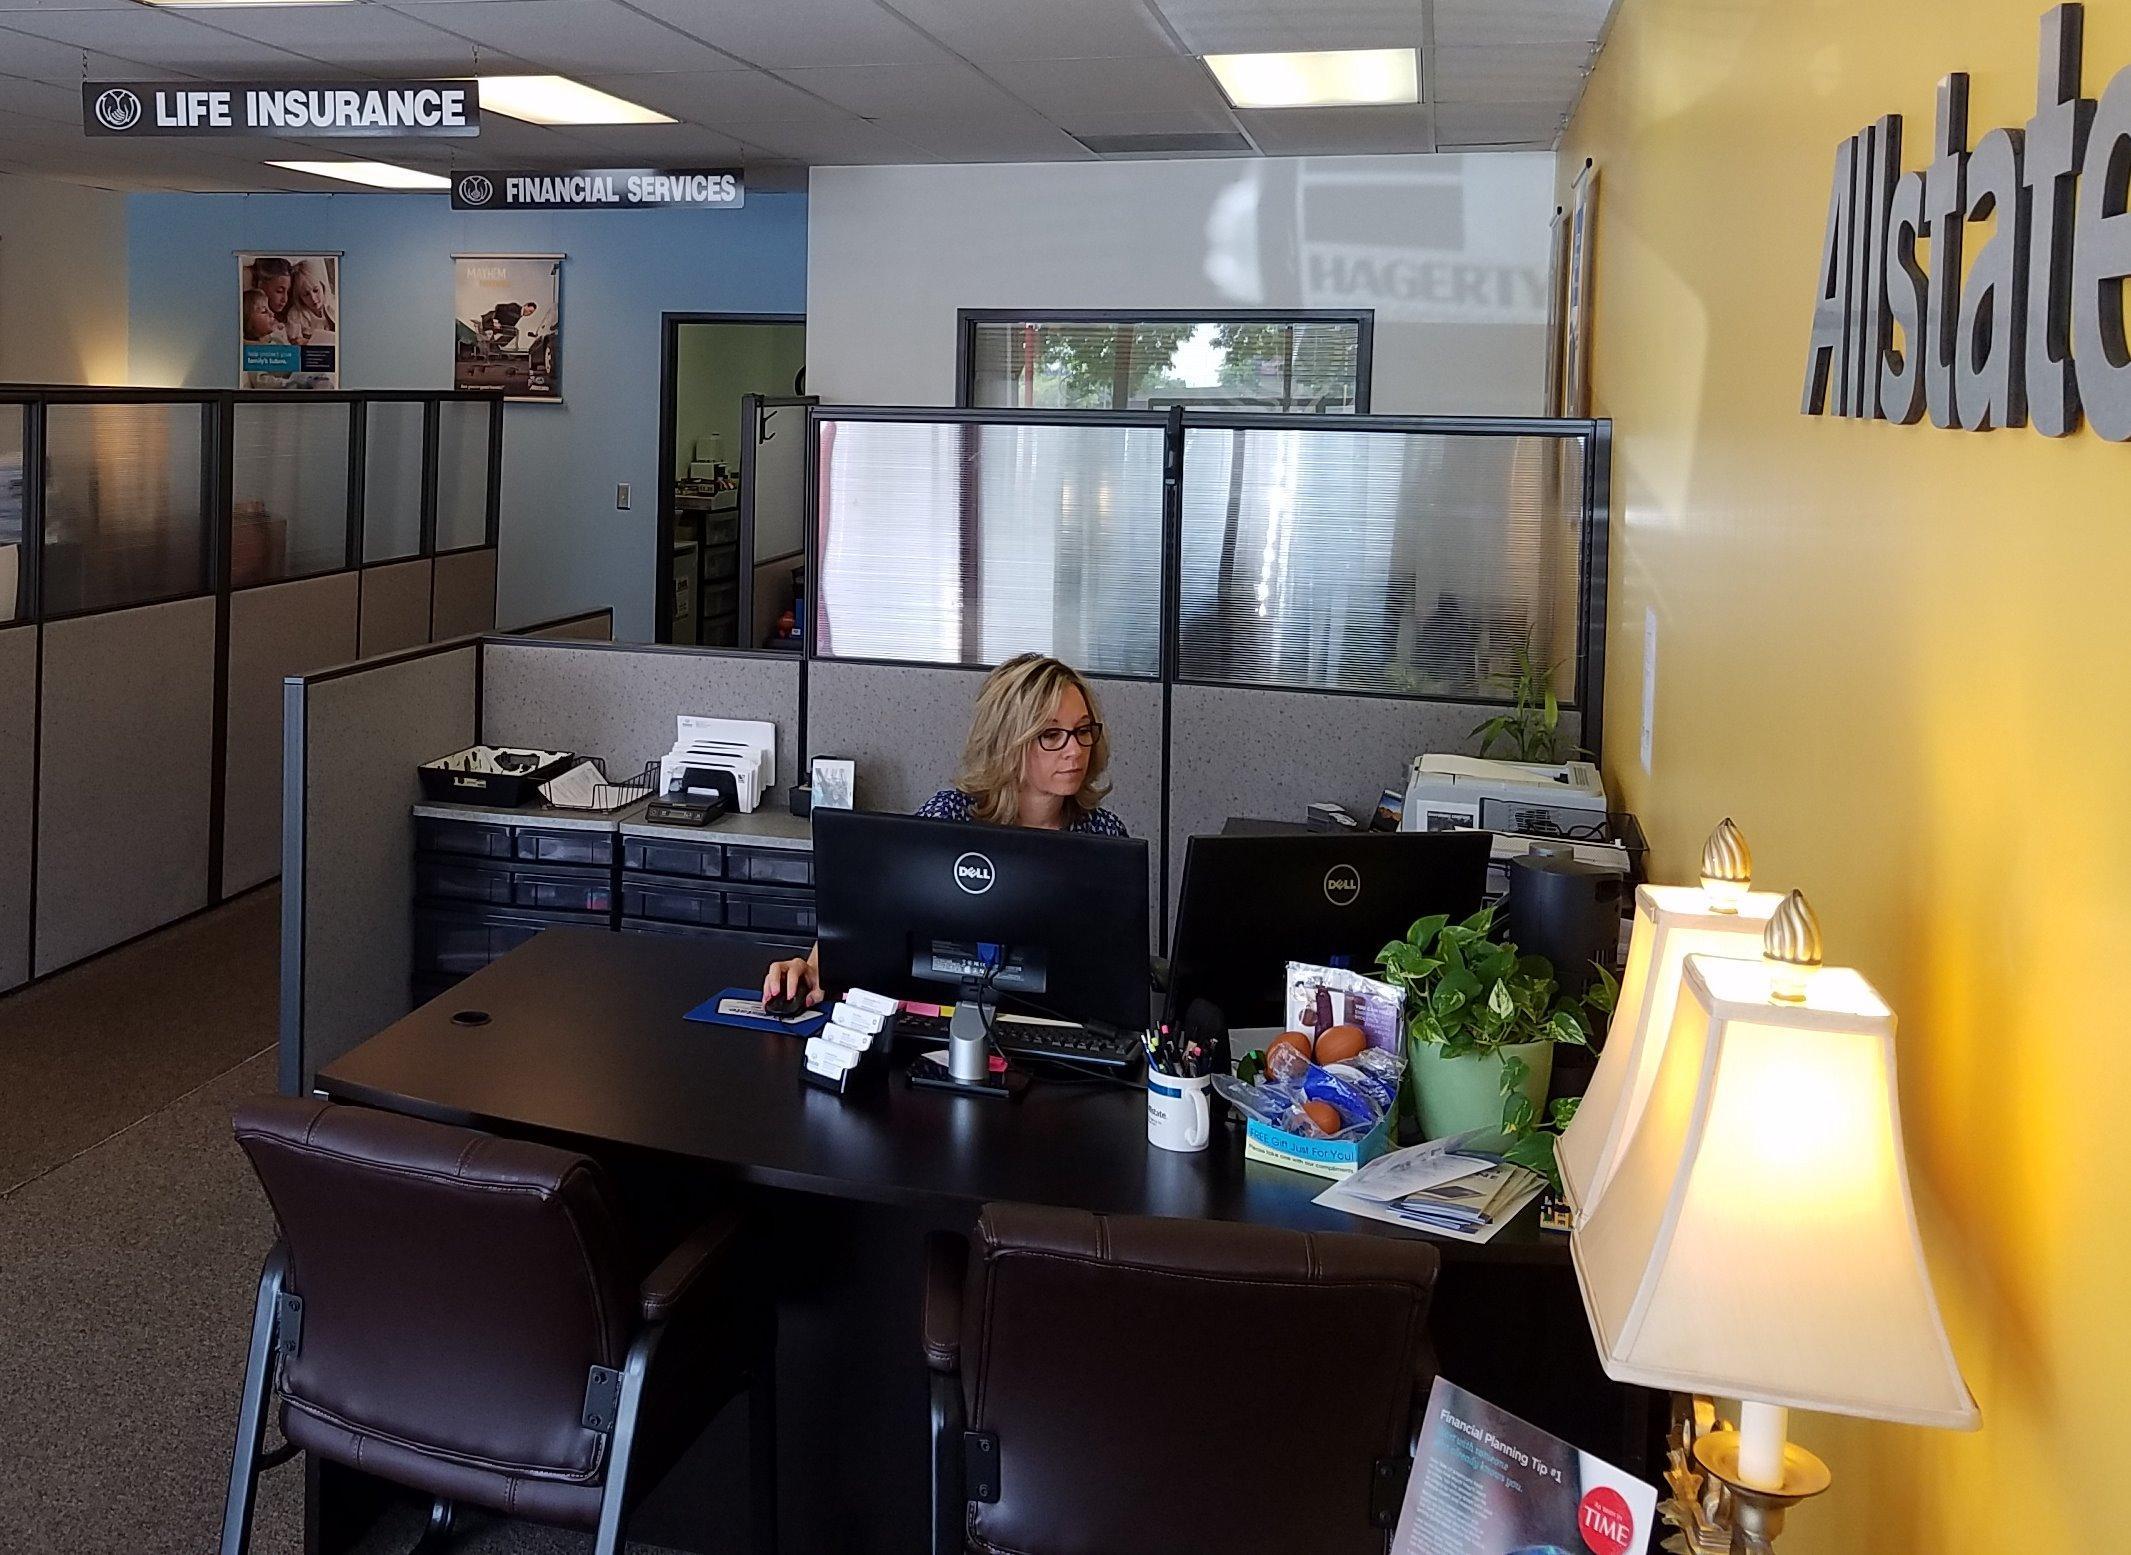 Paul Novak: Allstate Insurance image 6